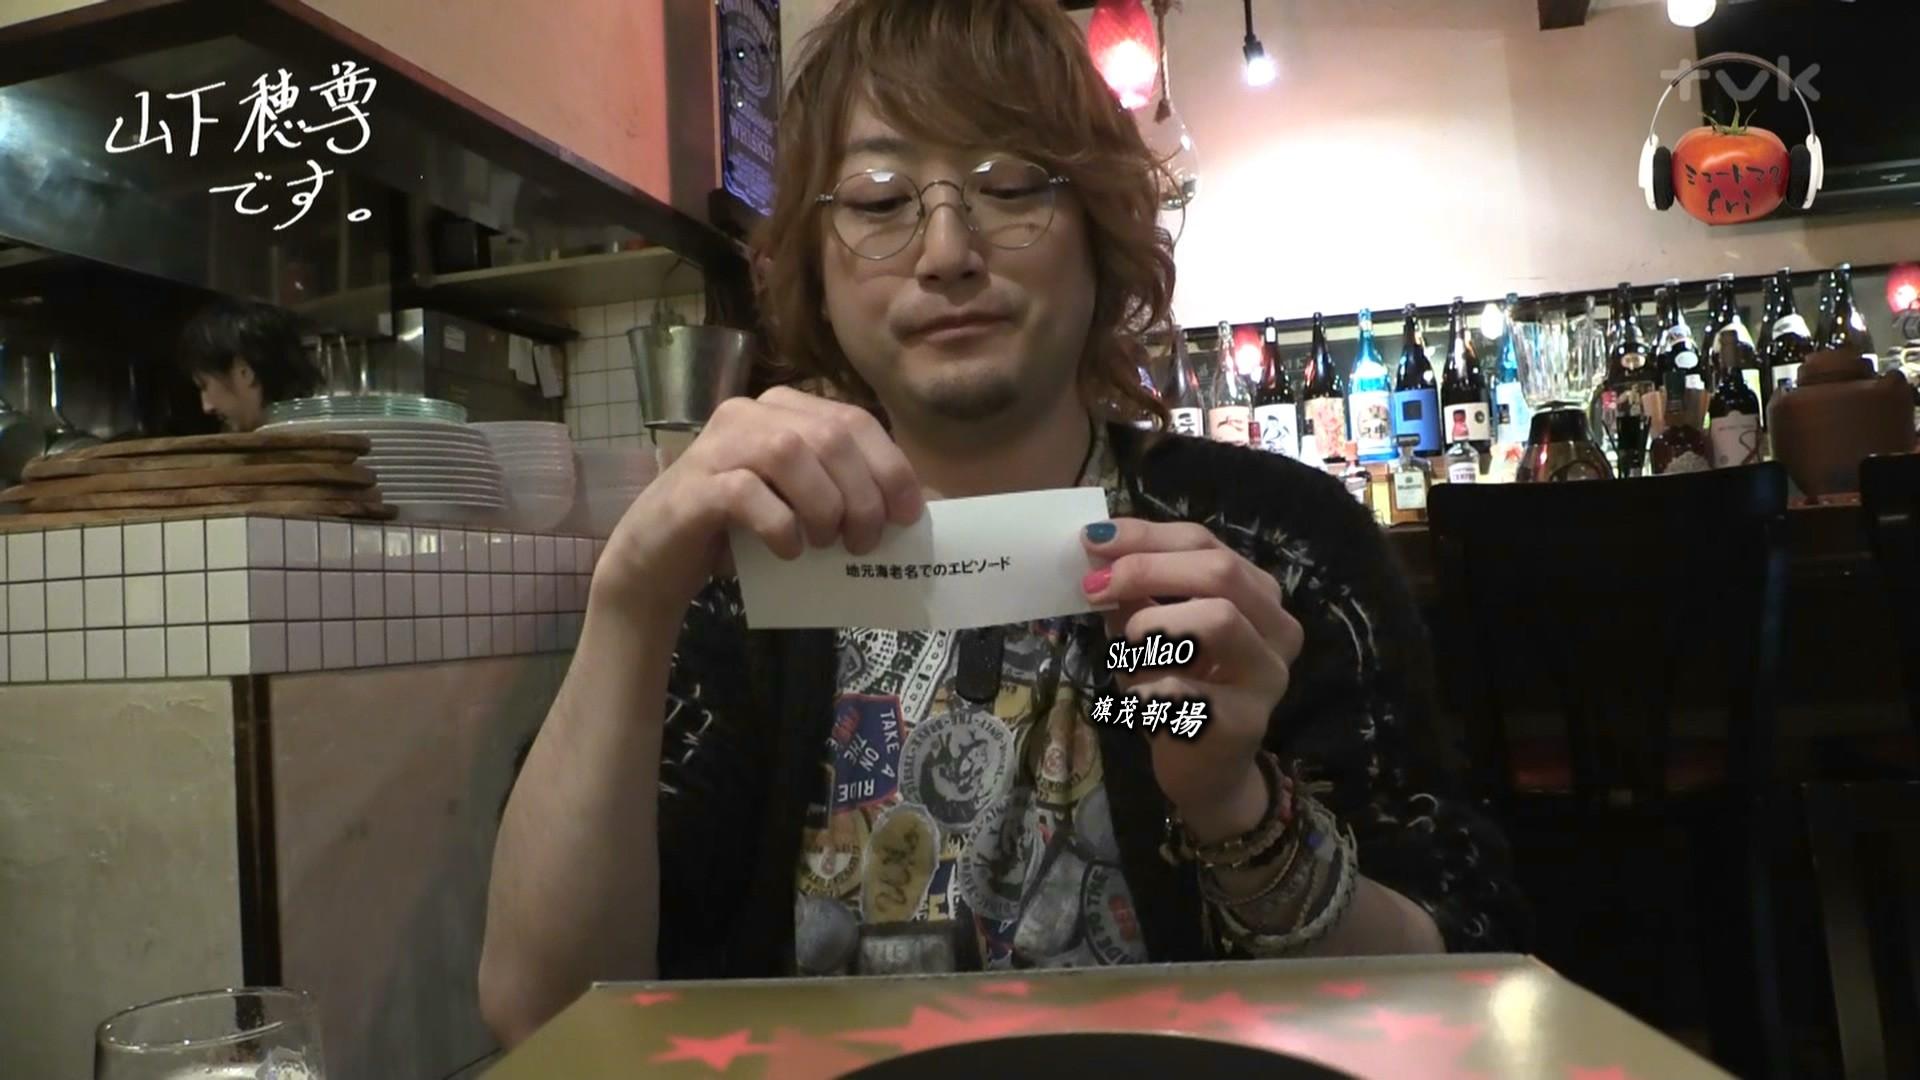 2017.04.14 全場(ミュートマ2).ts_20170415_001216.249